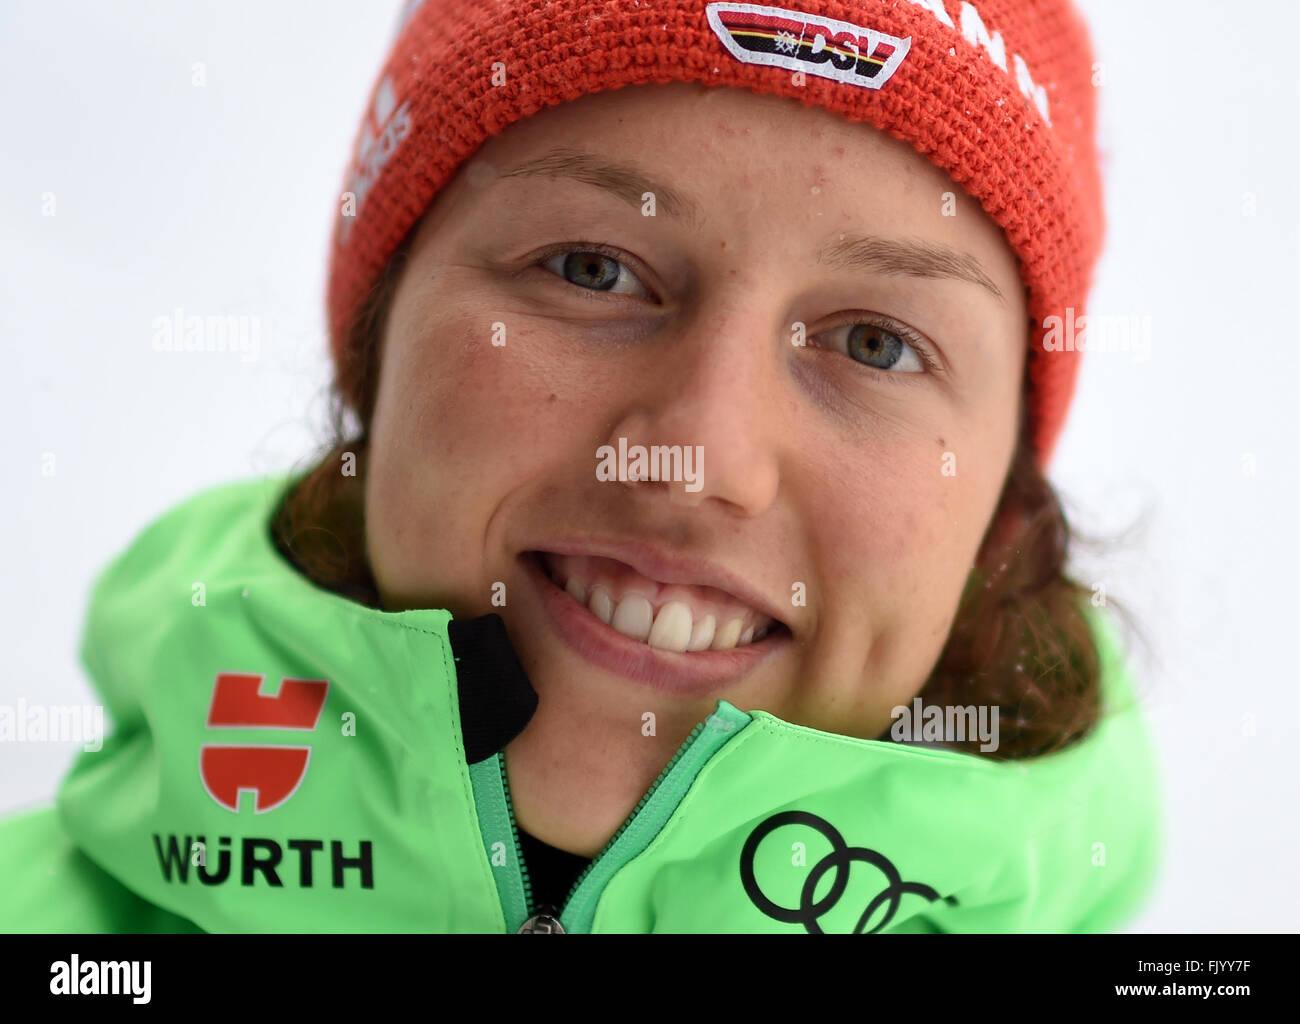 Weibliche Biathletin Laura Dahlmeier Deutschlands vor einer Trainingseinheit bei den Biathlon-Weltmeisterschaften Stockbild